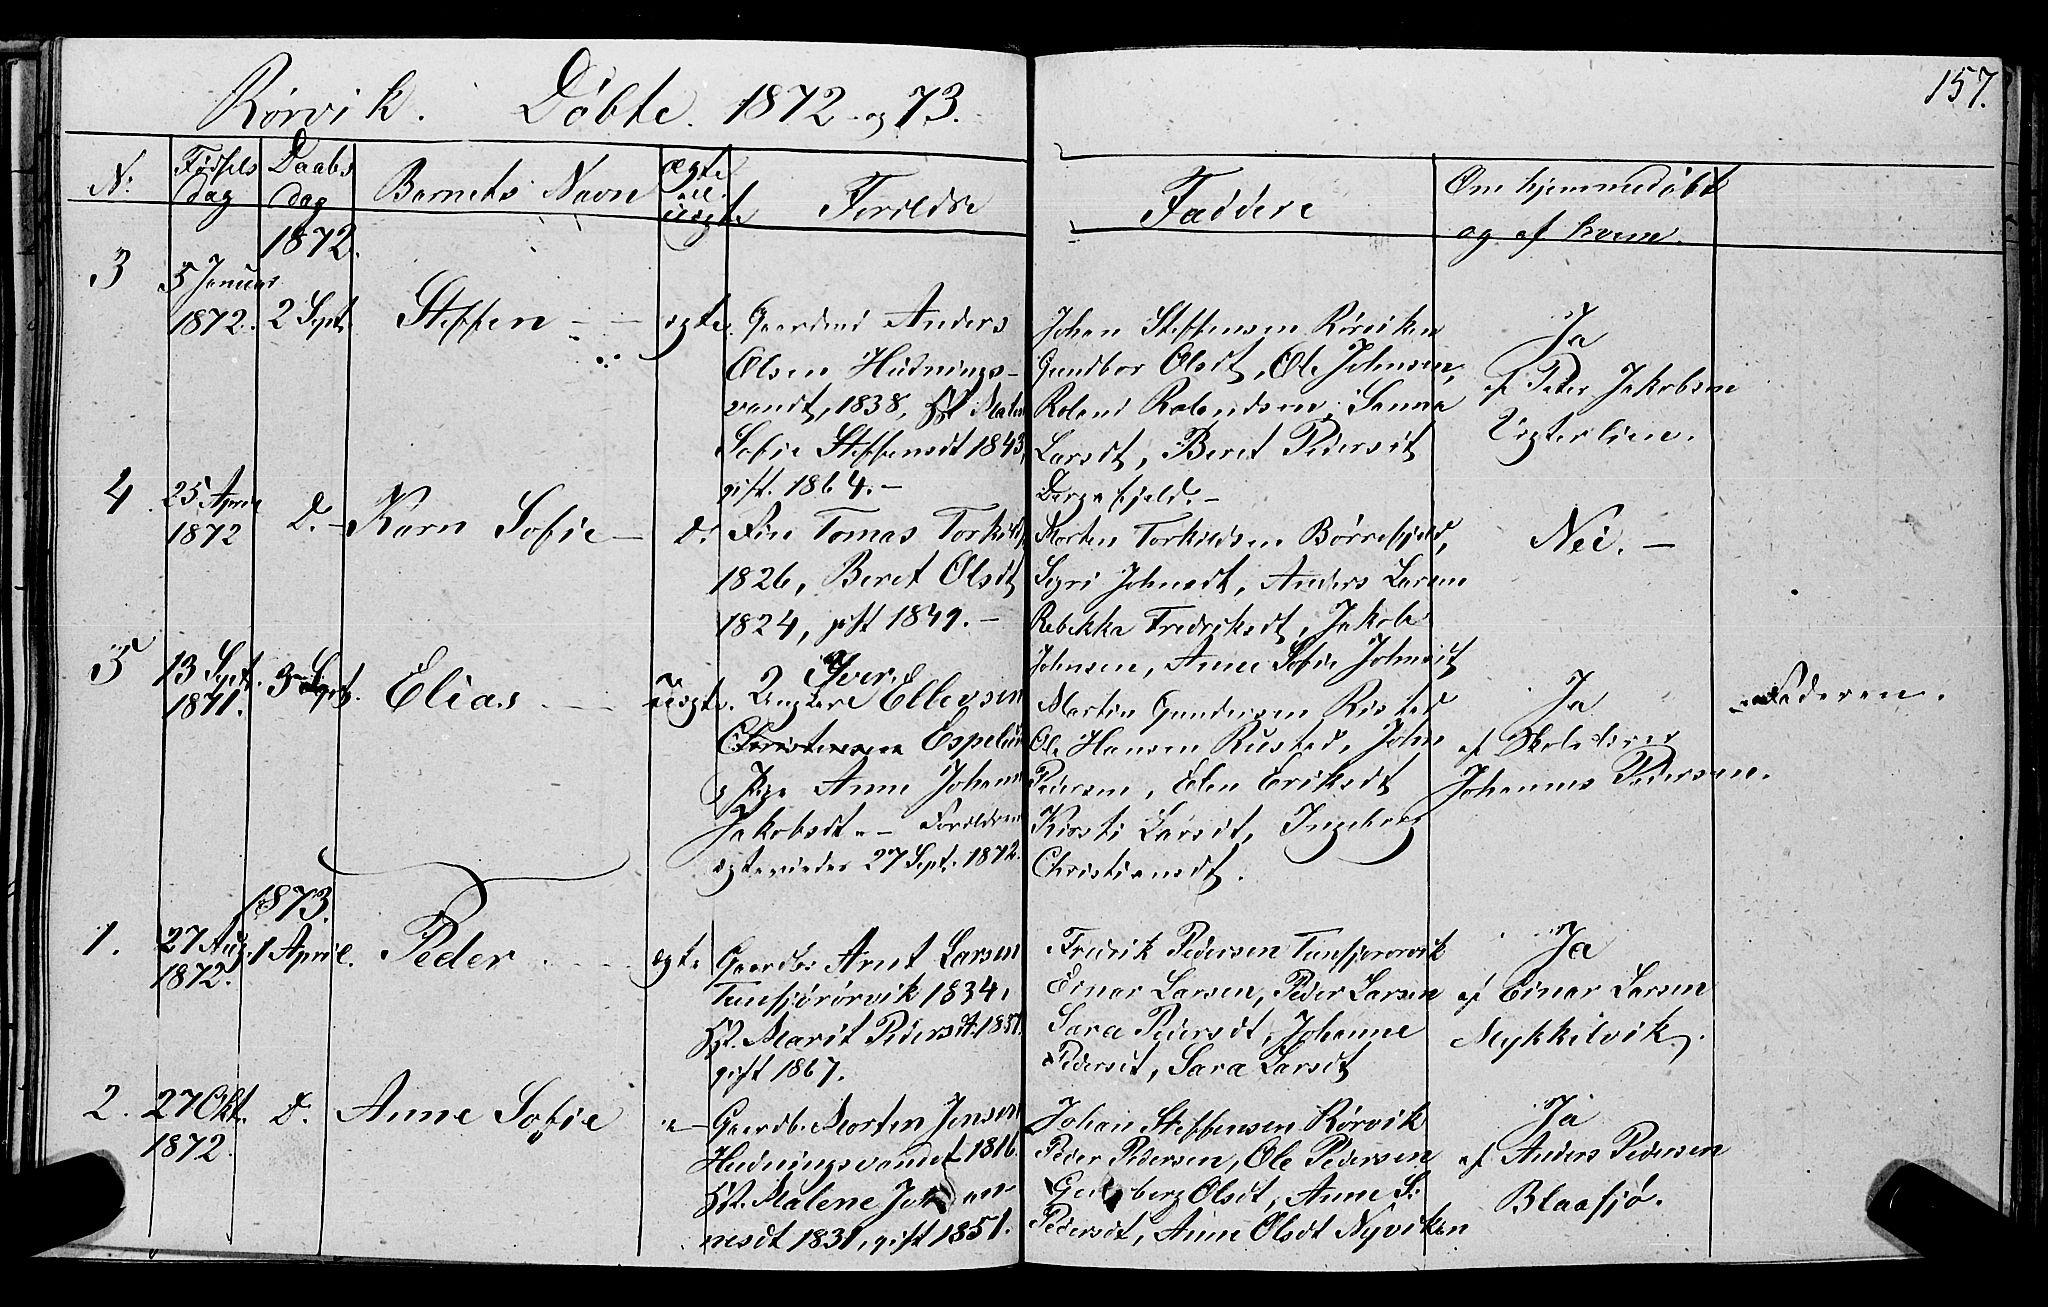 SAT, Ministerialprotokoller, klokkerbøker og fødselsregistre - Nord-Trøndelag, 762/L0538: Ministerialbok nr. 762A02 /1, 1833-1879, s. 157